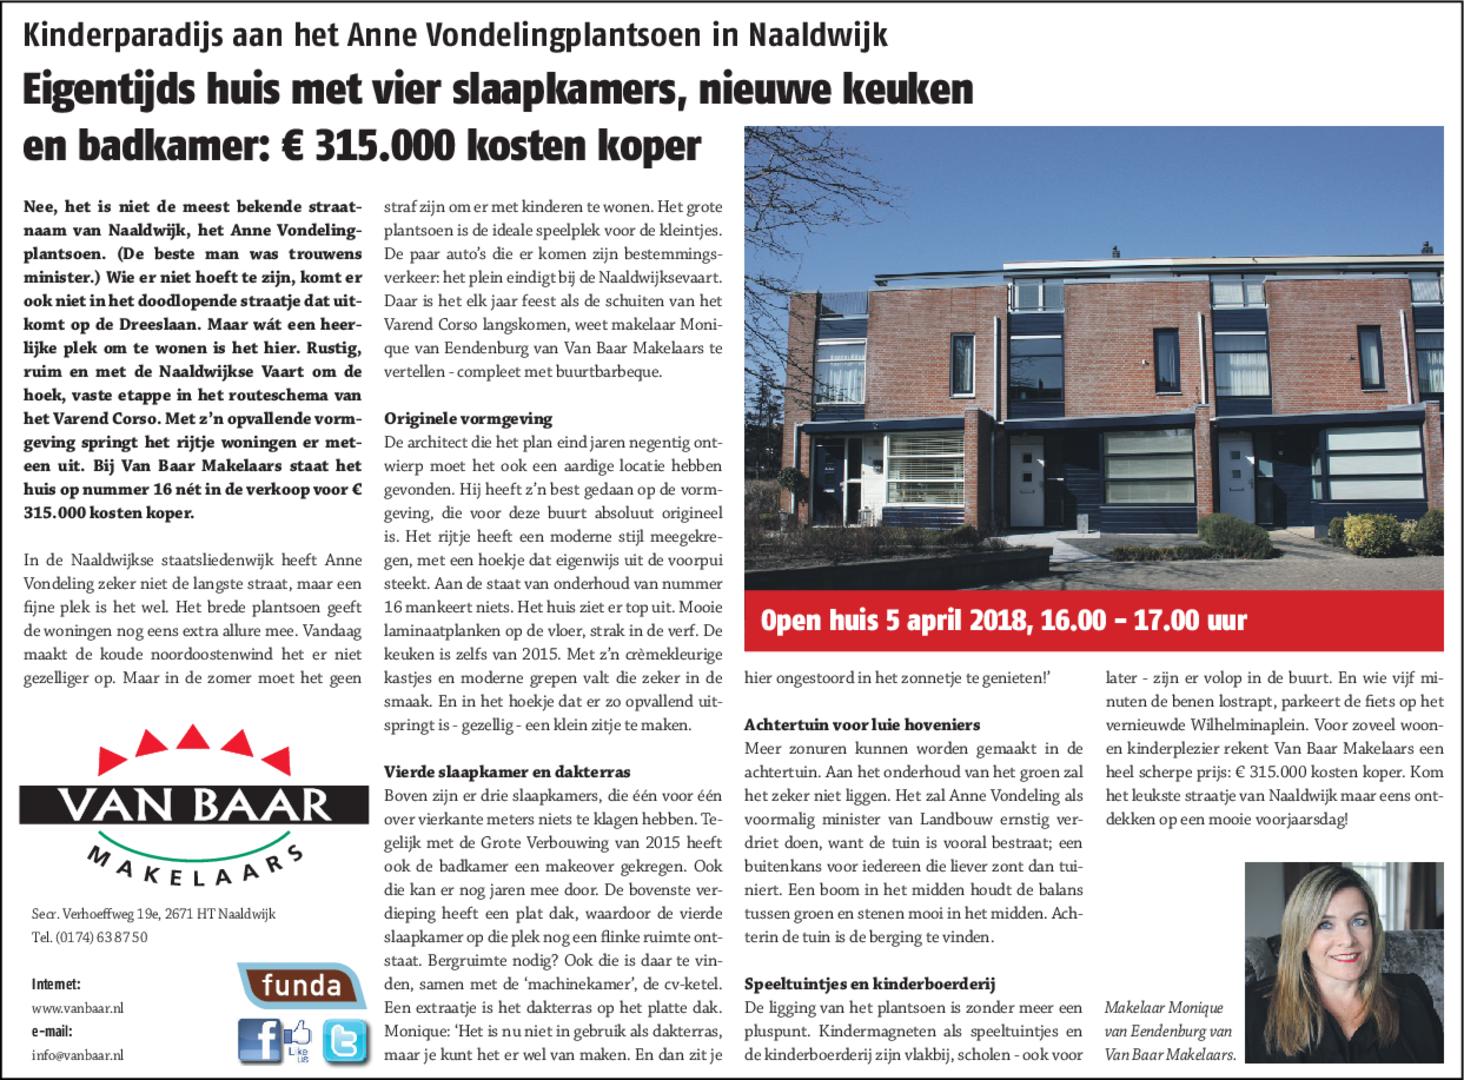 Kinderparadijs aan het Anna Vondelingplantsoen in Naaldwijk ...